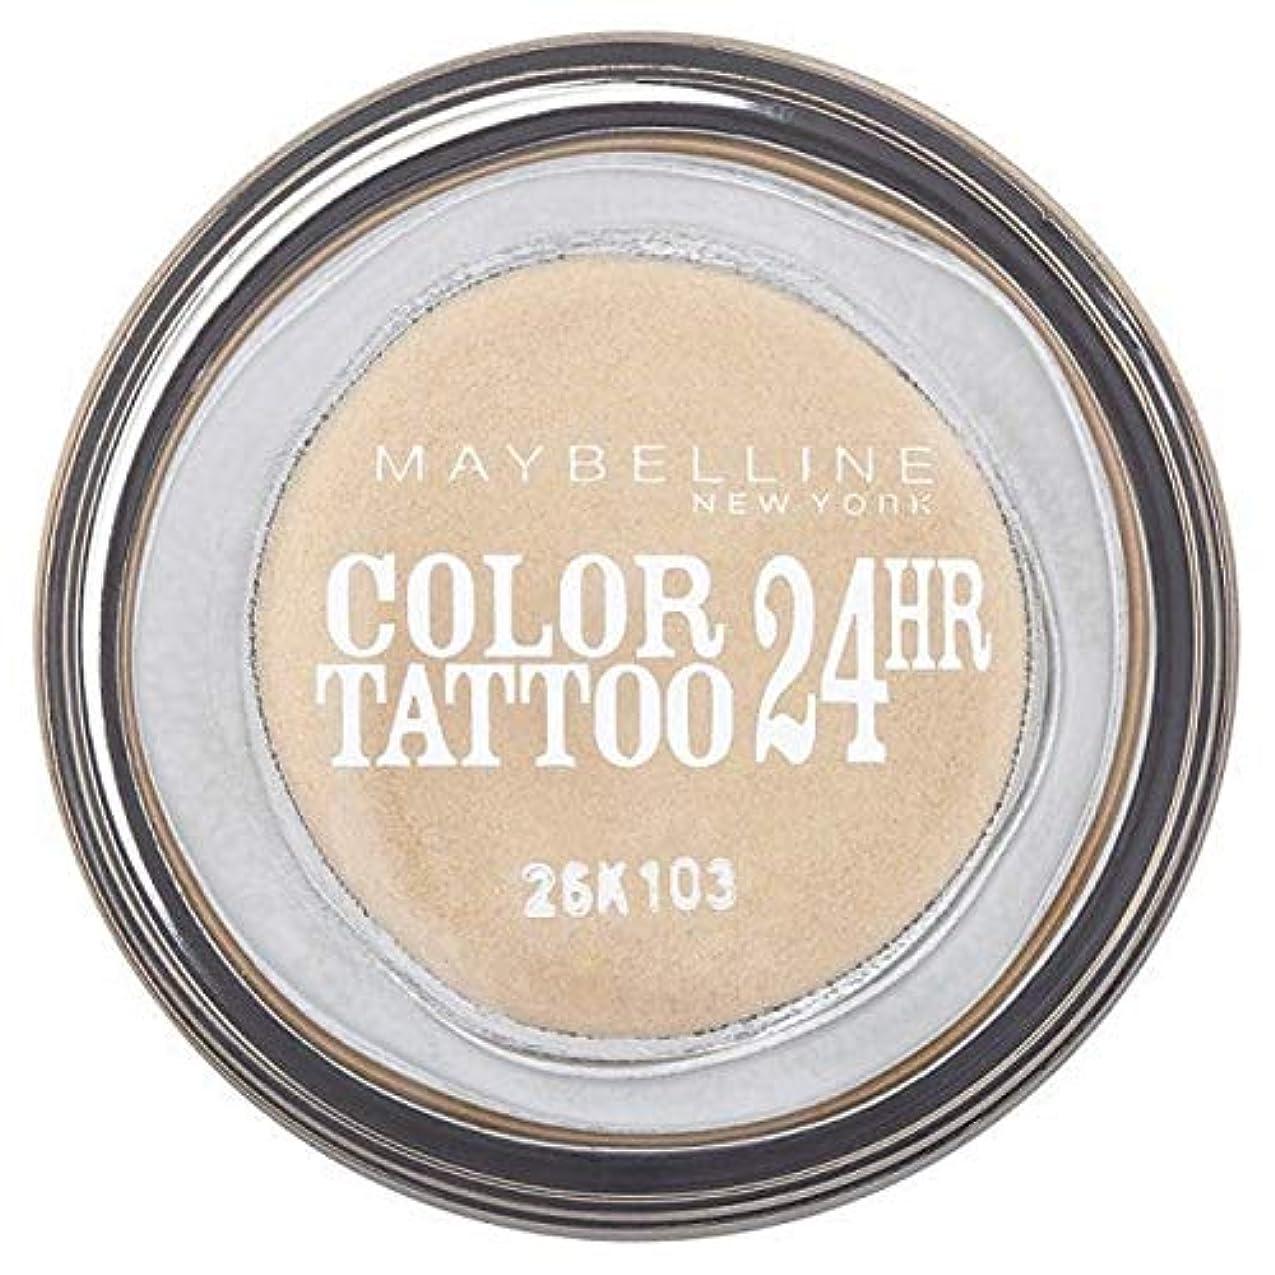 航海ショルダー増幅[Maybelline ] シングルアイシャドウ05金24時間メイベリンカラータトゥー - Maybelline Color Tattoo 24Hr Single Eyeshadow 05 Gold [並行輸入品]